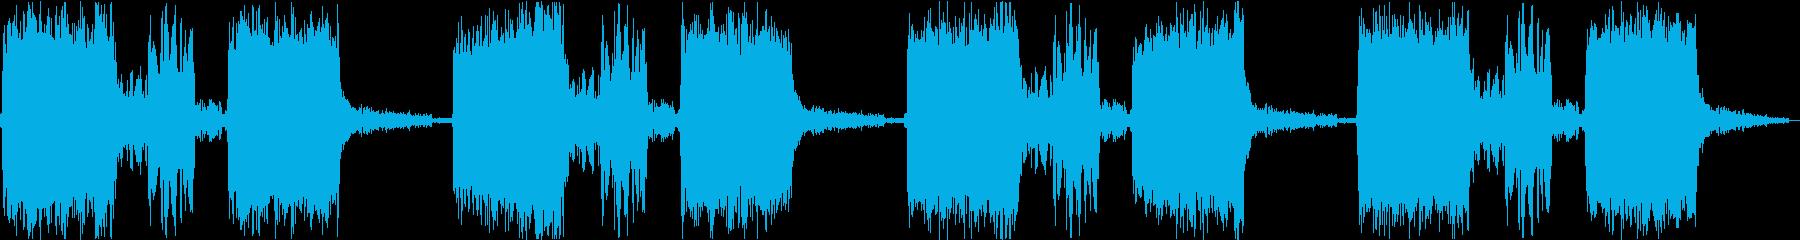 サイレン siren 警報 アラート 3の再生済みの波形